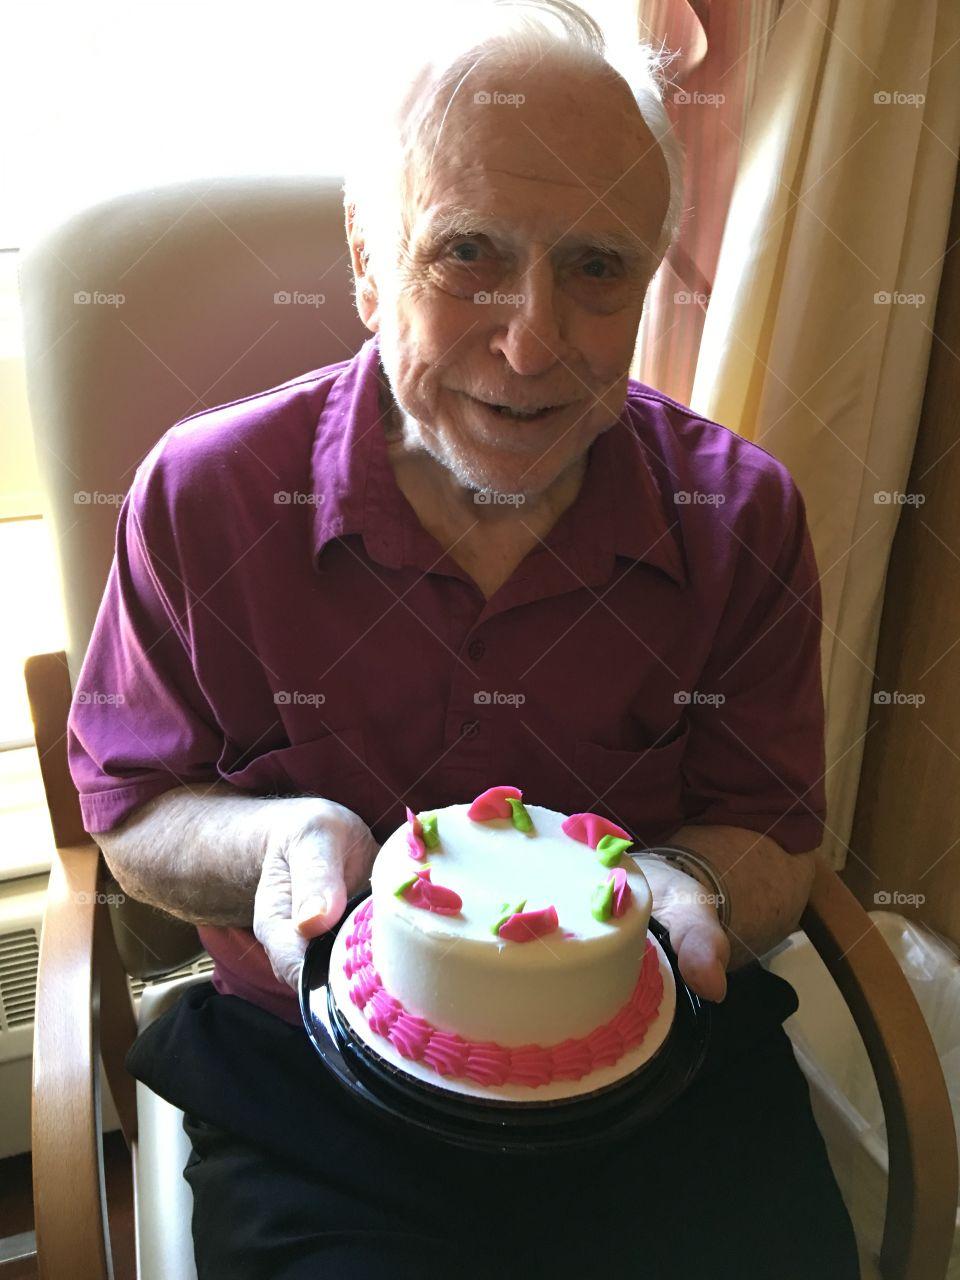 Senior man holding cake in hand